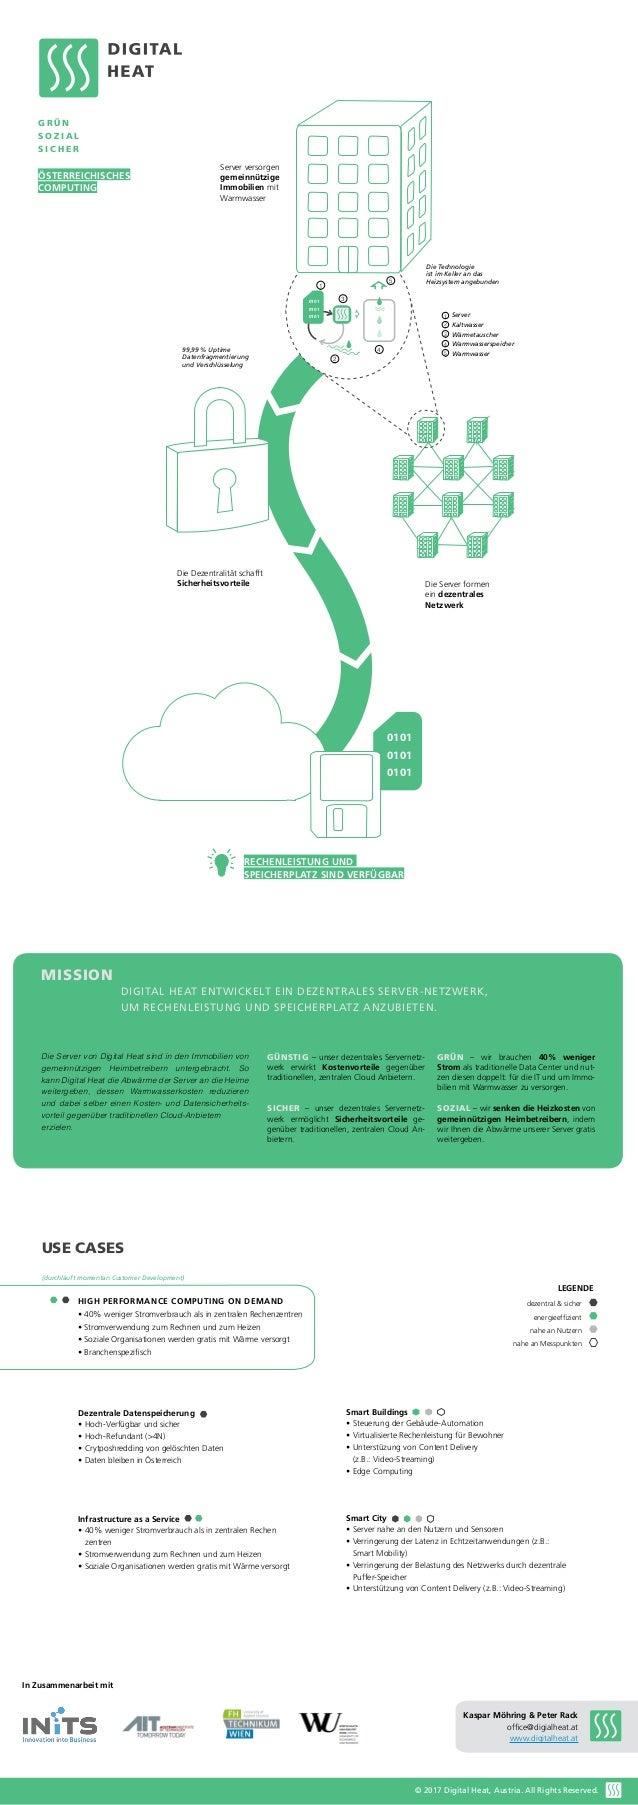 0101 0101 0101 Die Server formen ein dezentrales Netzwerk Die Dezentralität schafft Sicherheitsvorteile Server versorgen g...